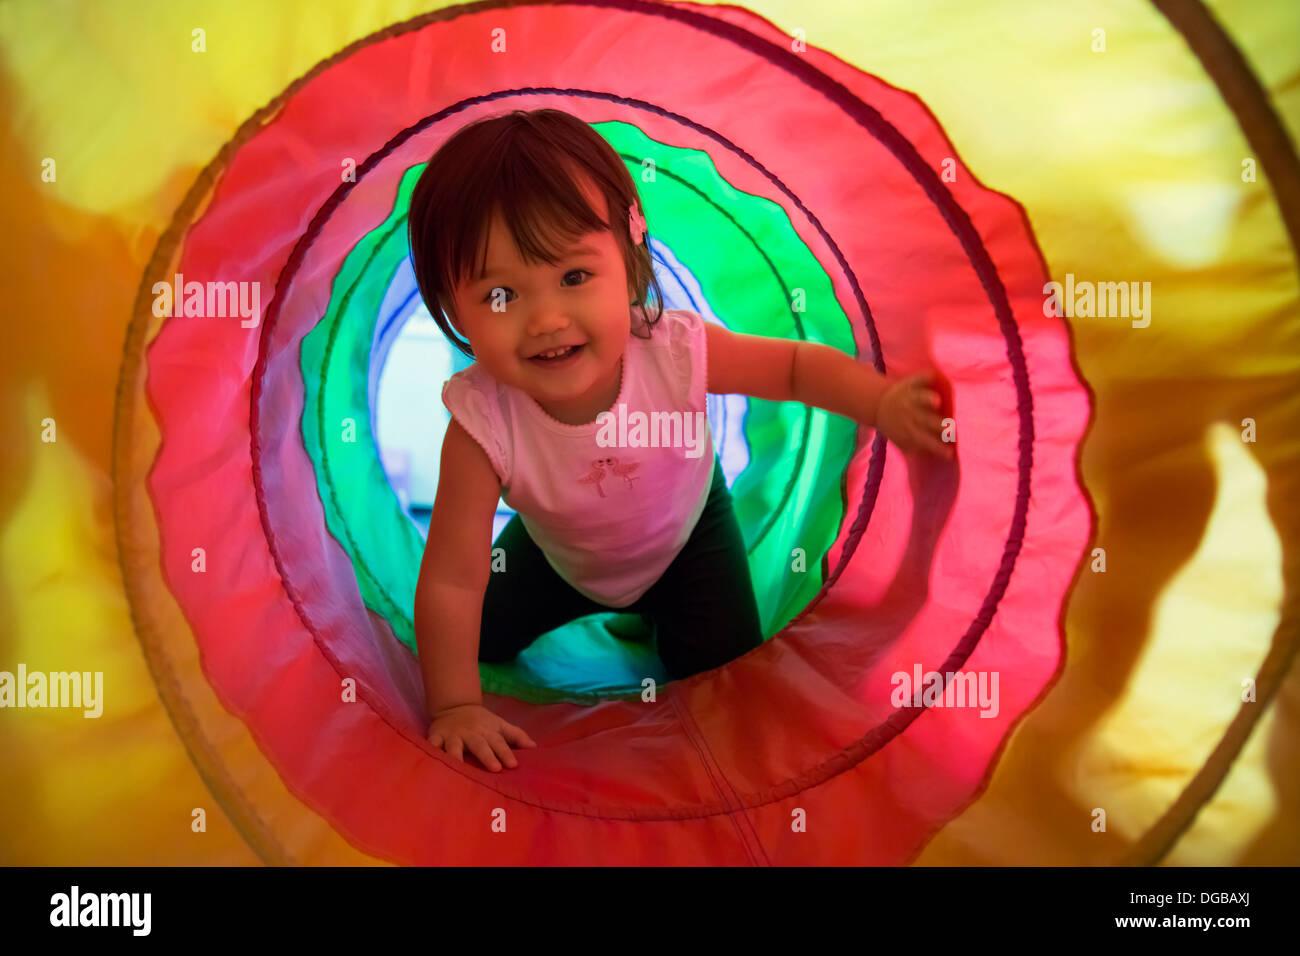 Baby girl strisciando attraverso il tunnel di riproduzione Immagini Stock